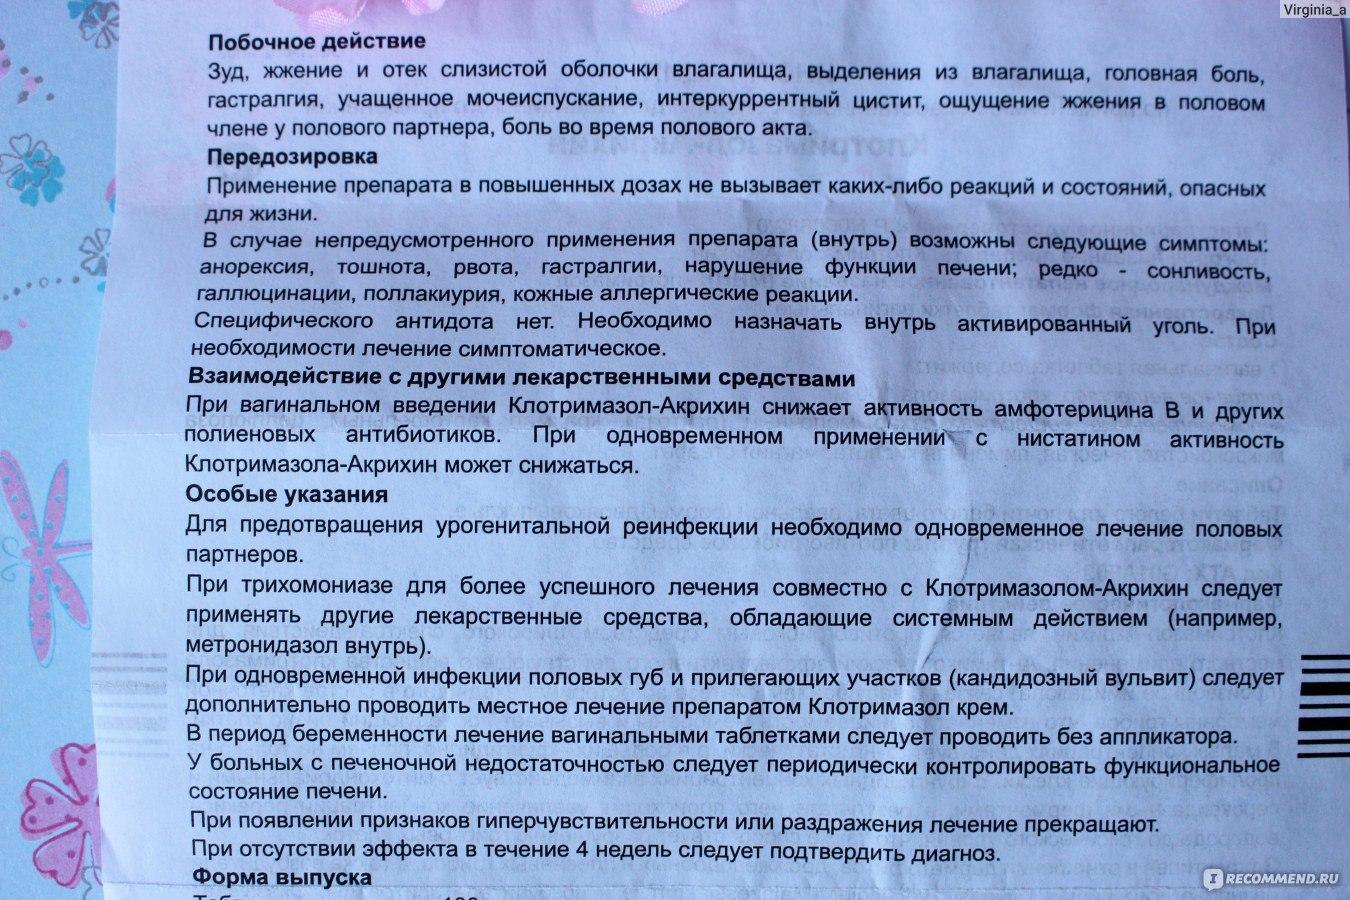 клотримазол-акри 100 мг инструкция